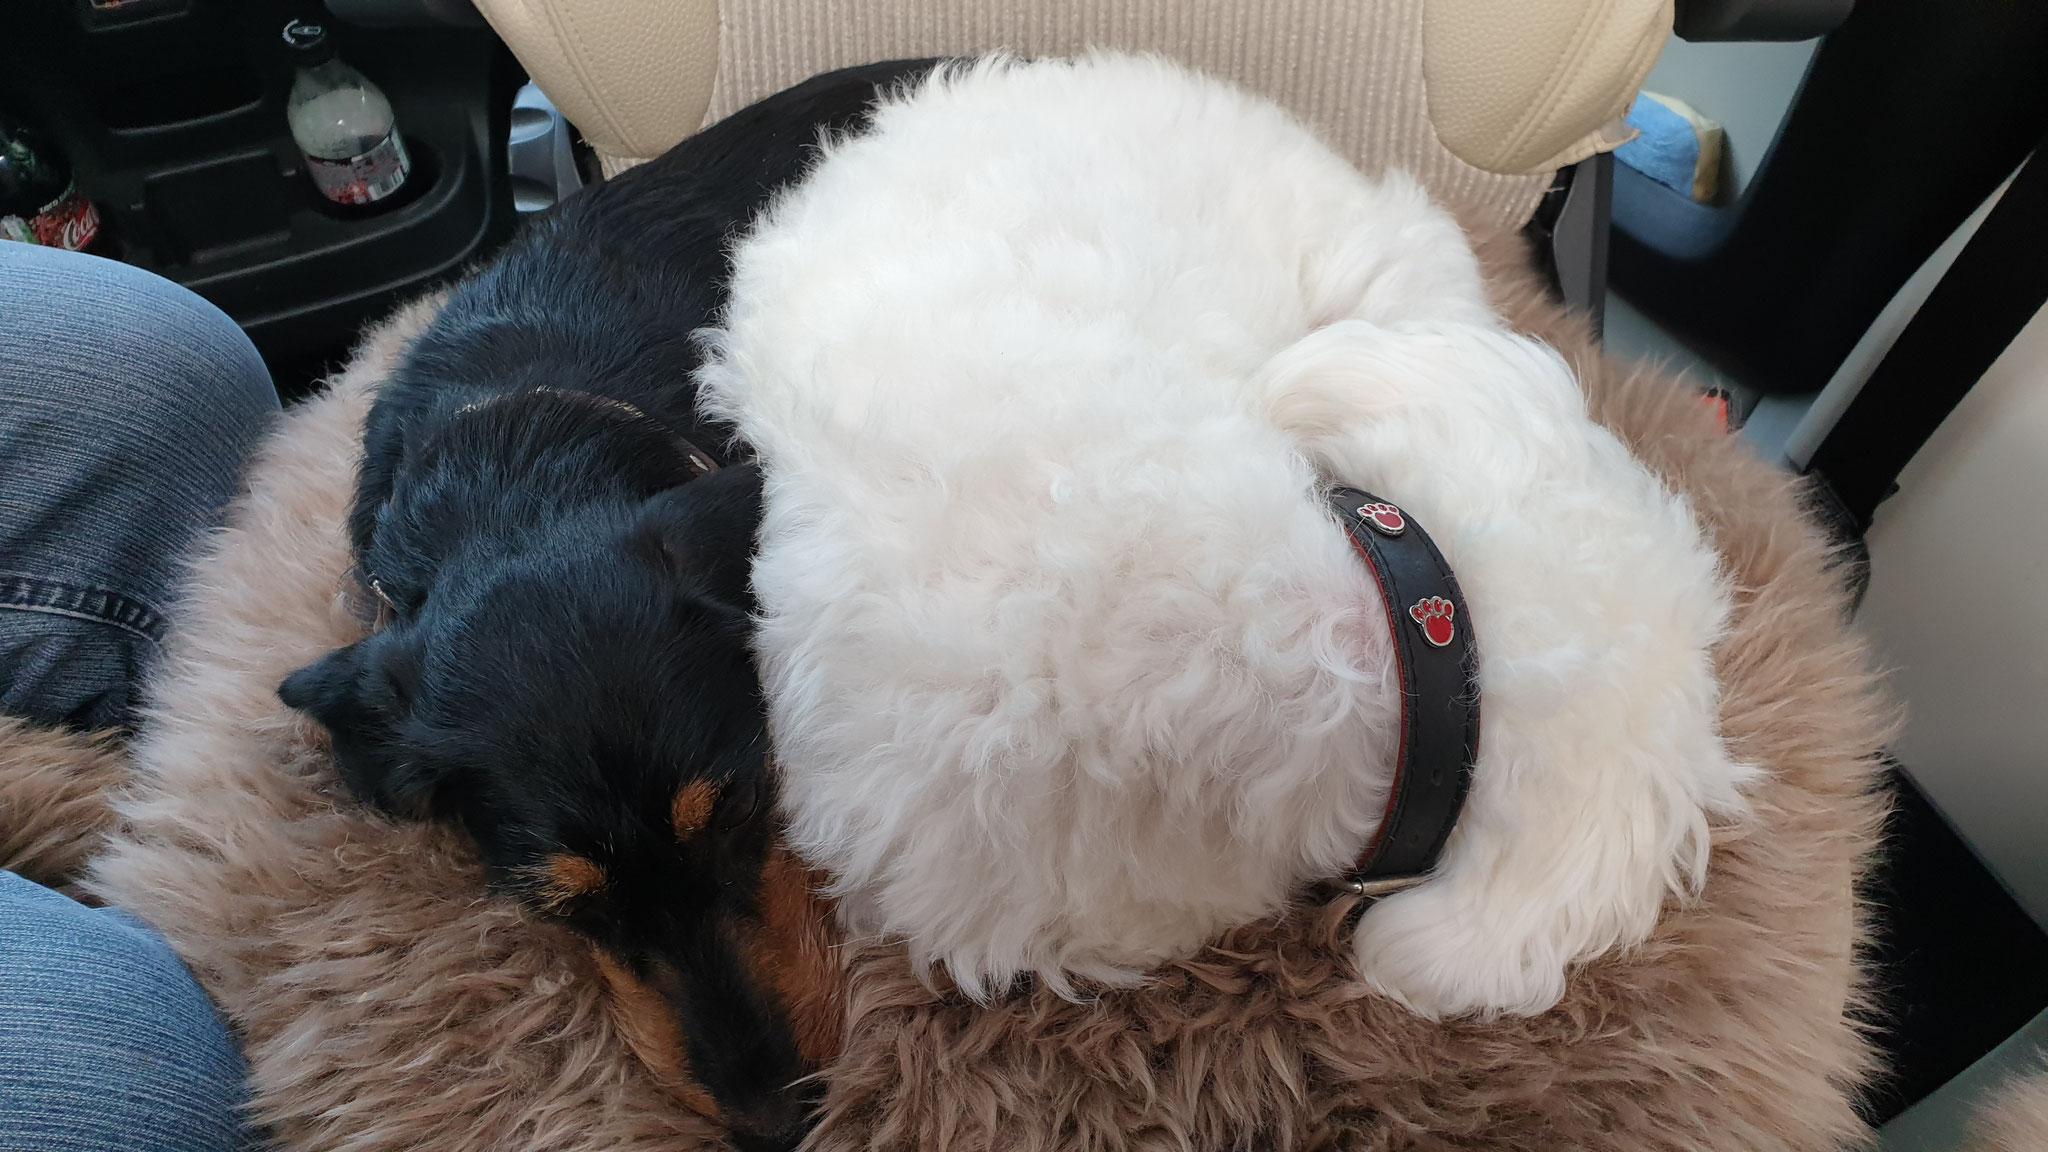 Wilson & Olly kuscheln sich noch ein wenig zusammen